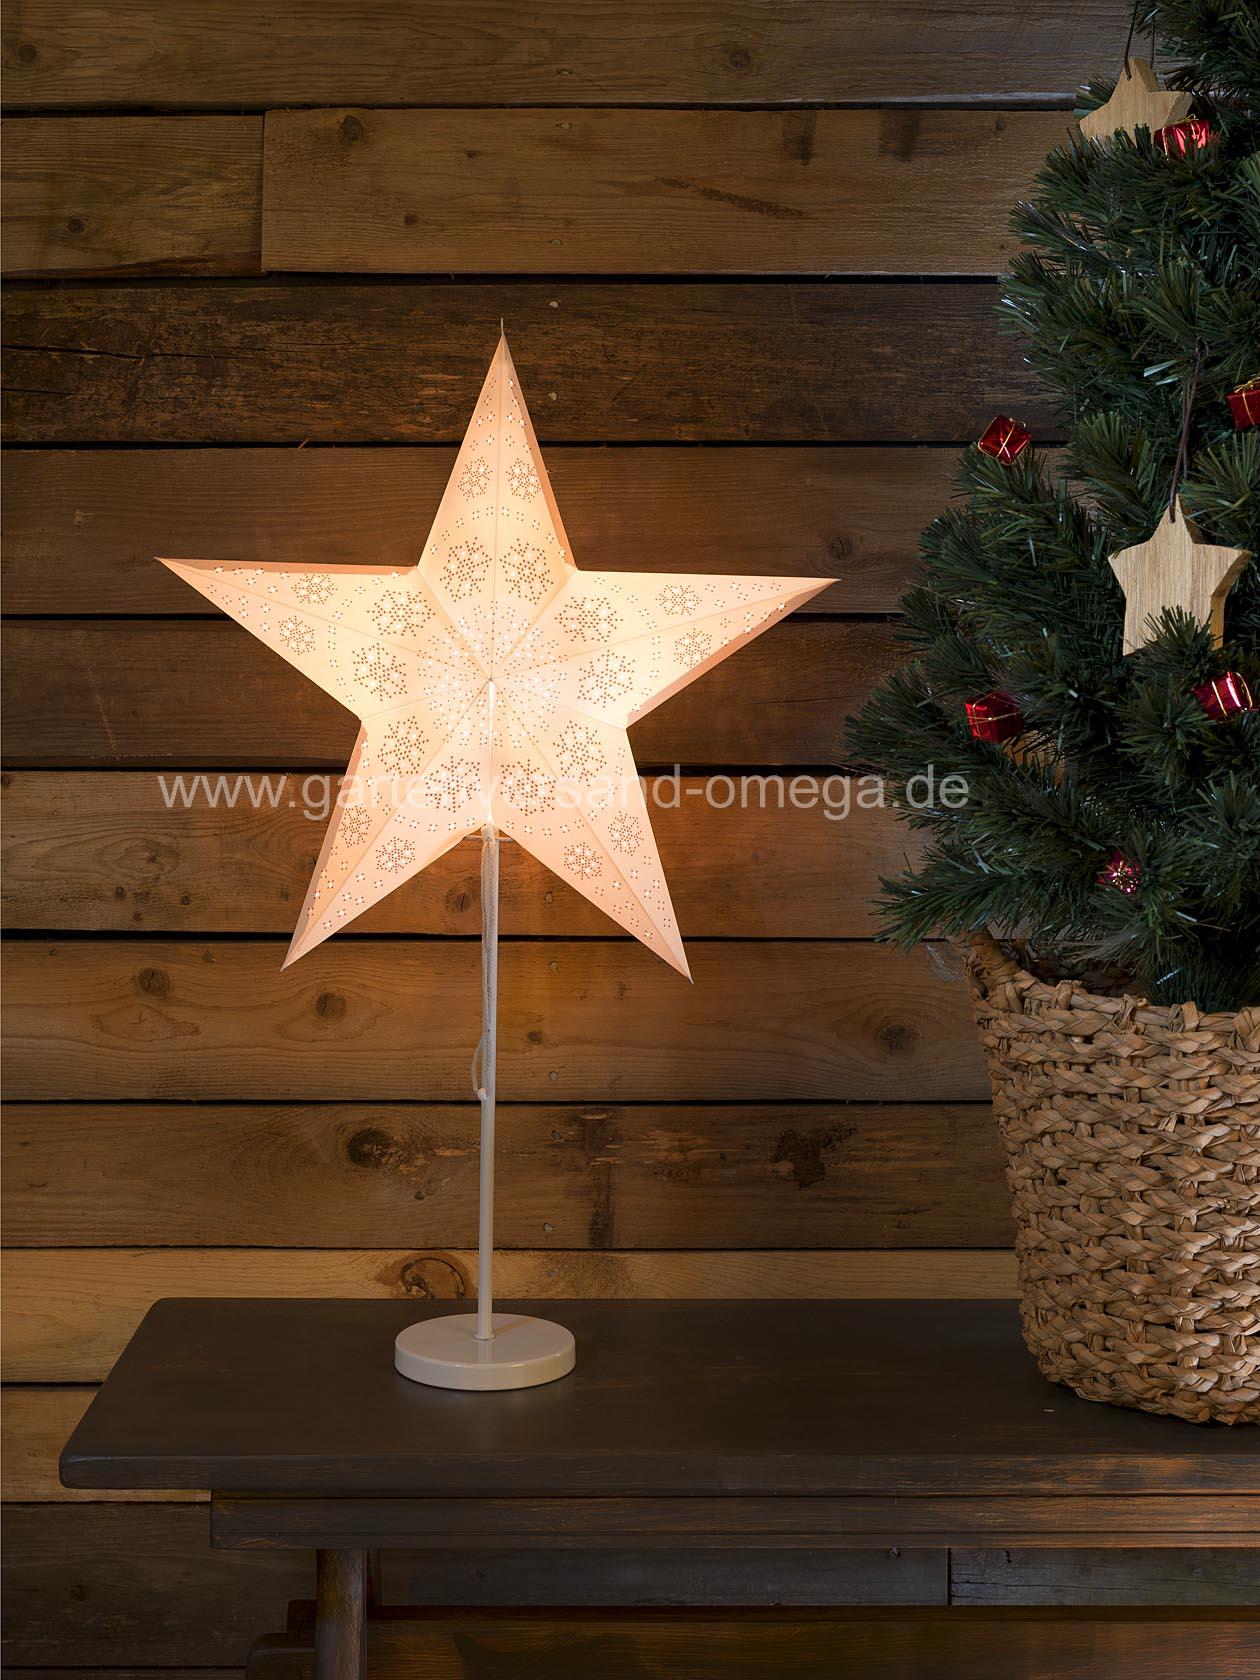 beleuchteter papierstern wei mit metallfu weihnachtstischbeleuchtung edler deko stern. Black Bedroom Furniture Sets. Home Design Ideas